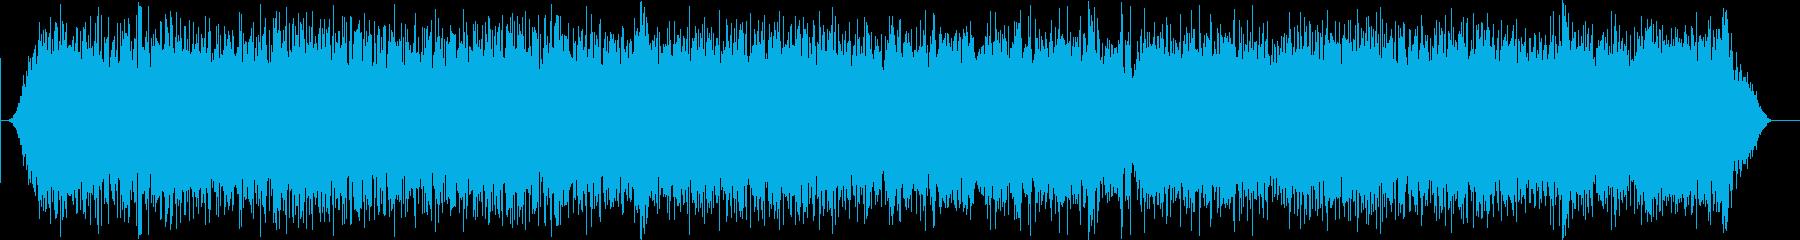 サンフェルミン拍手とライブの再生済みの波形